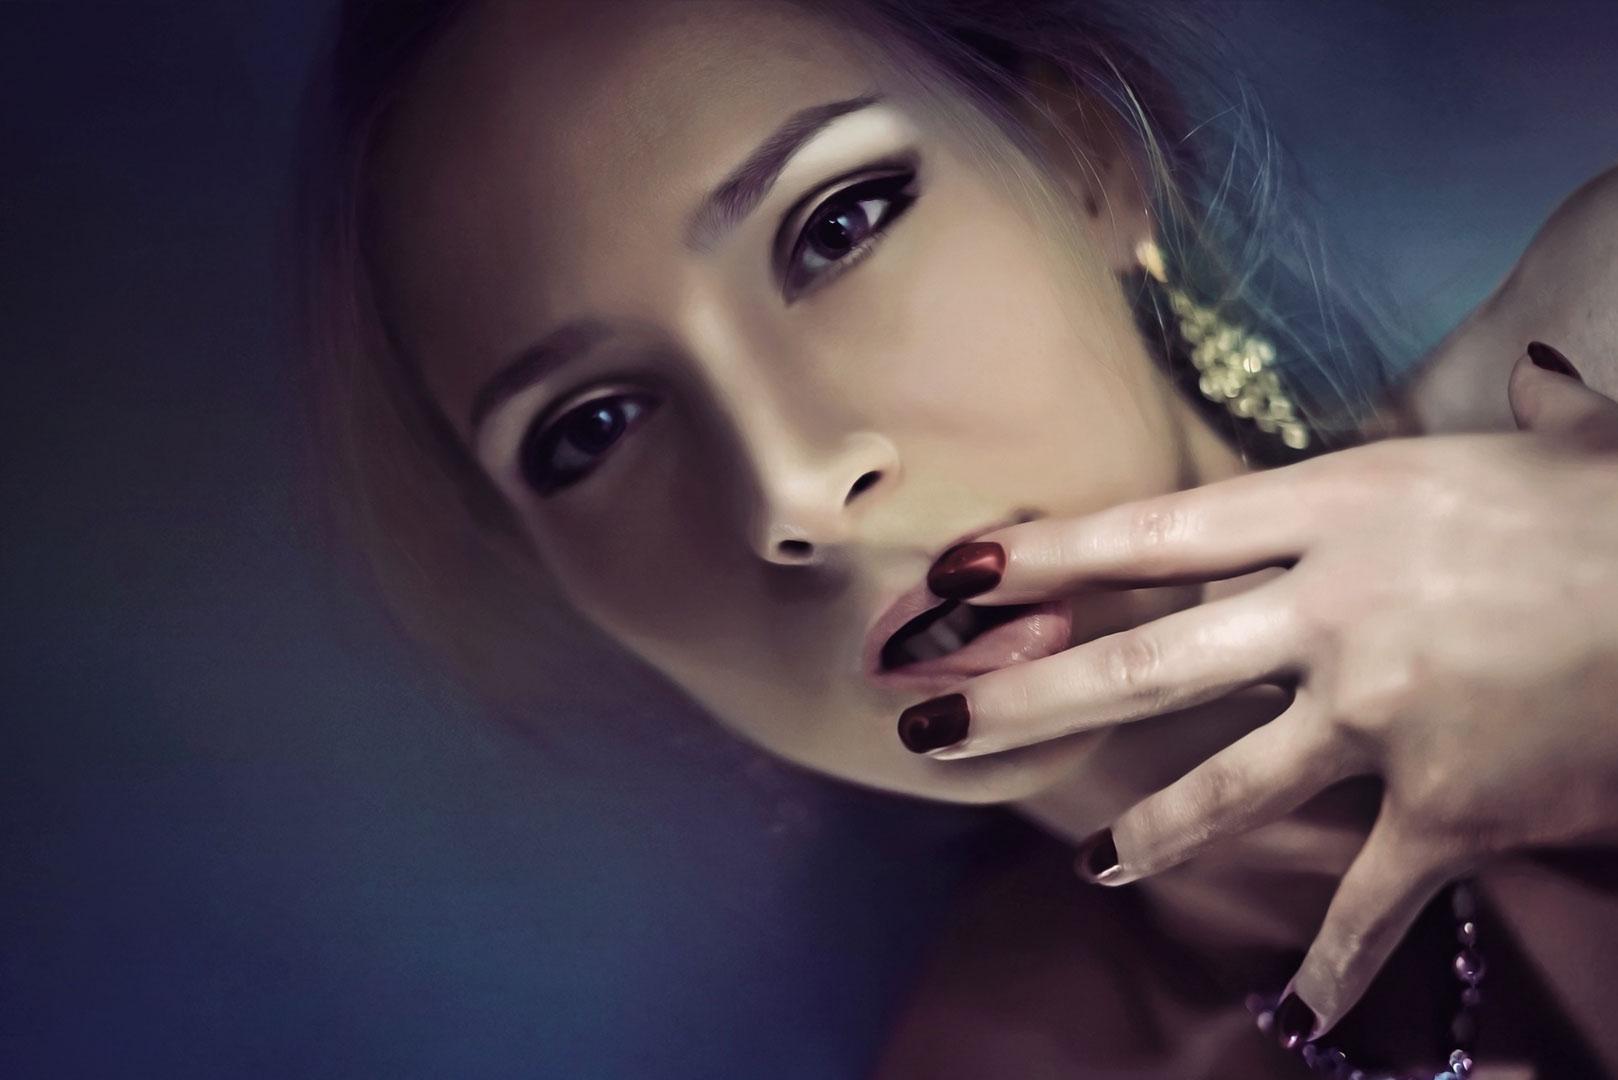 Une femme inquiète d'être amoureuse de son psy